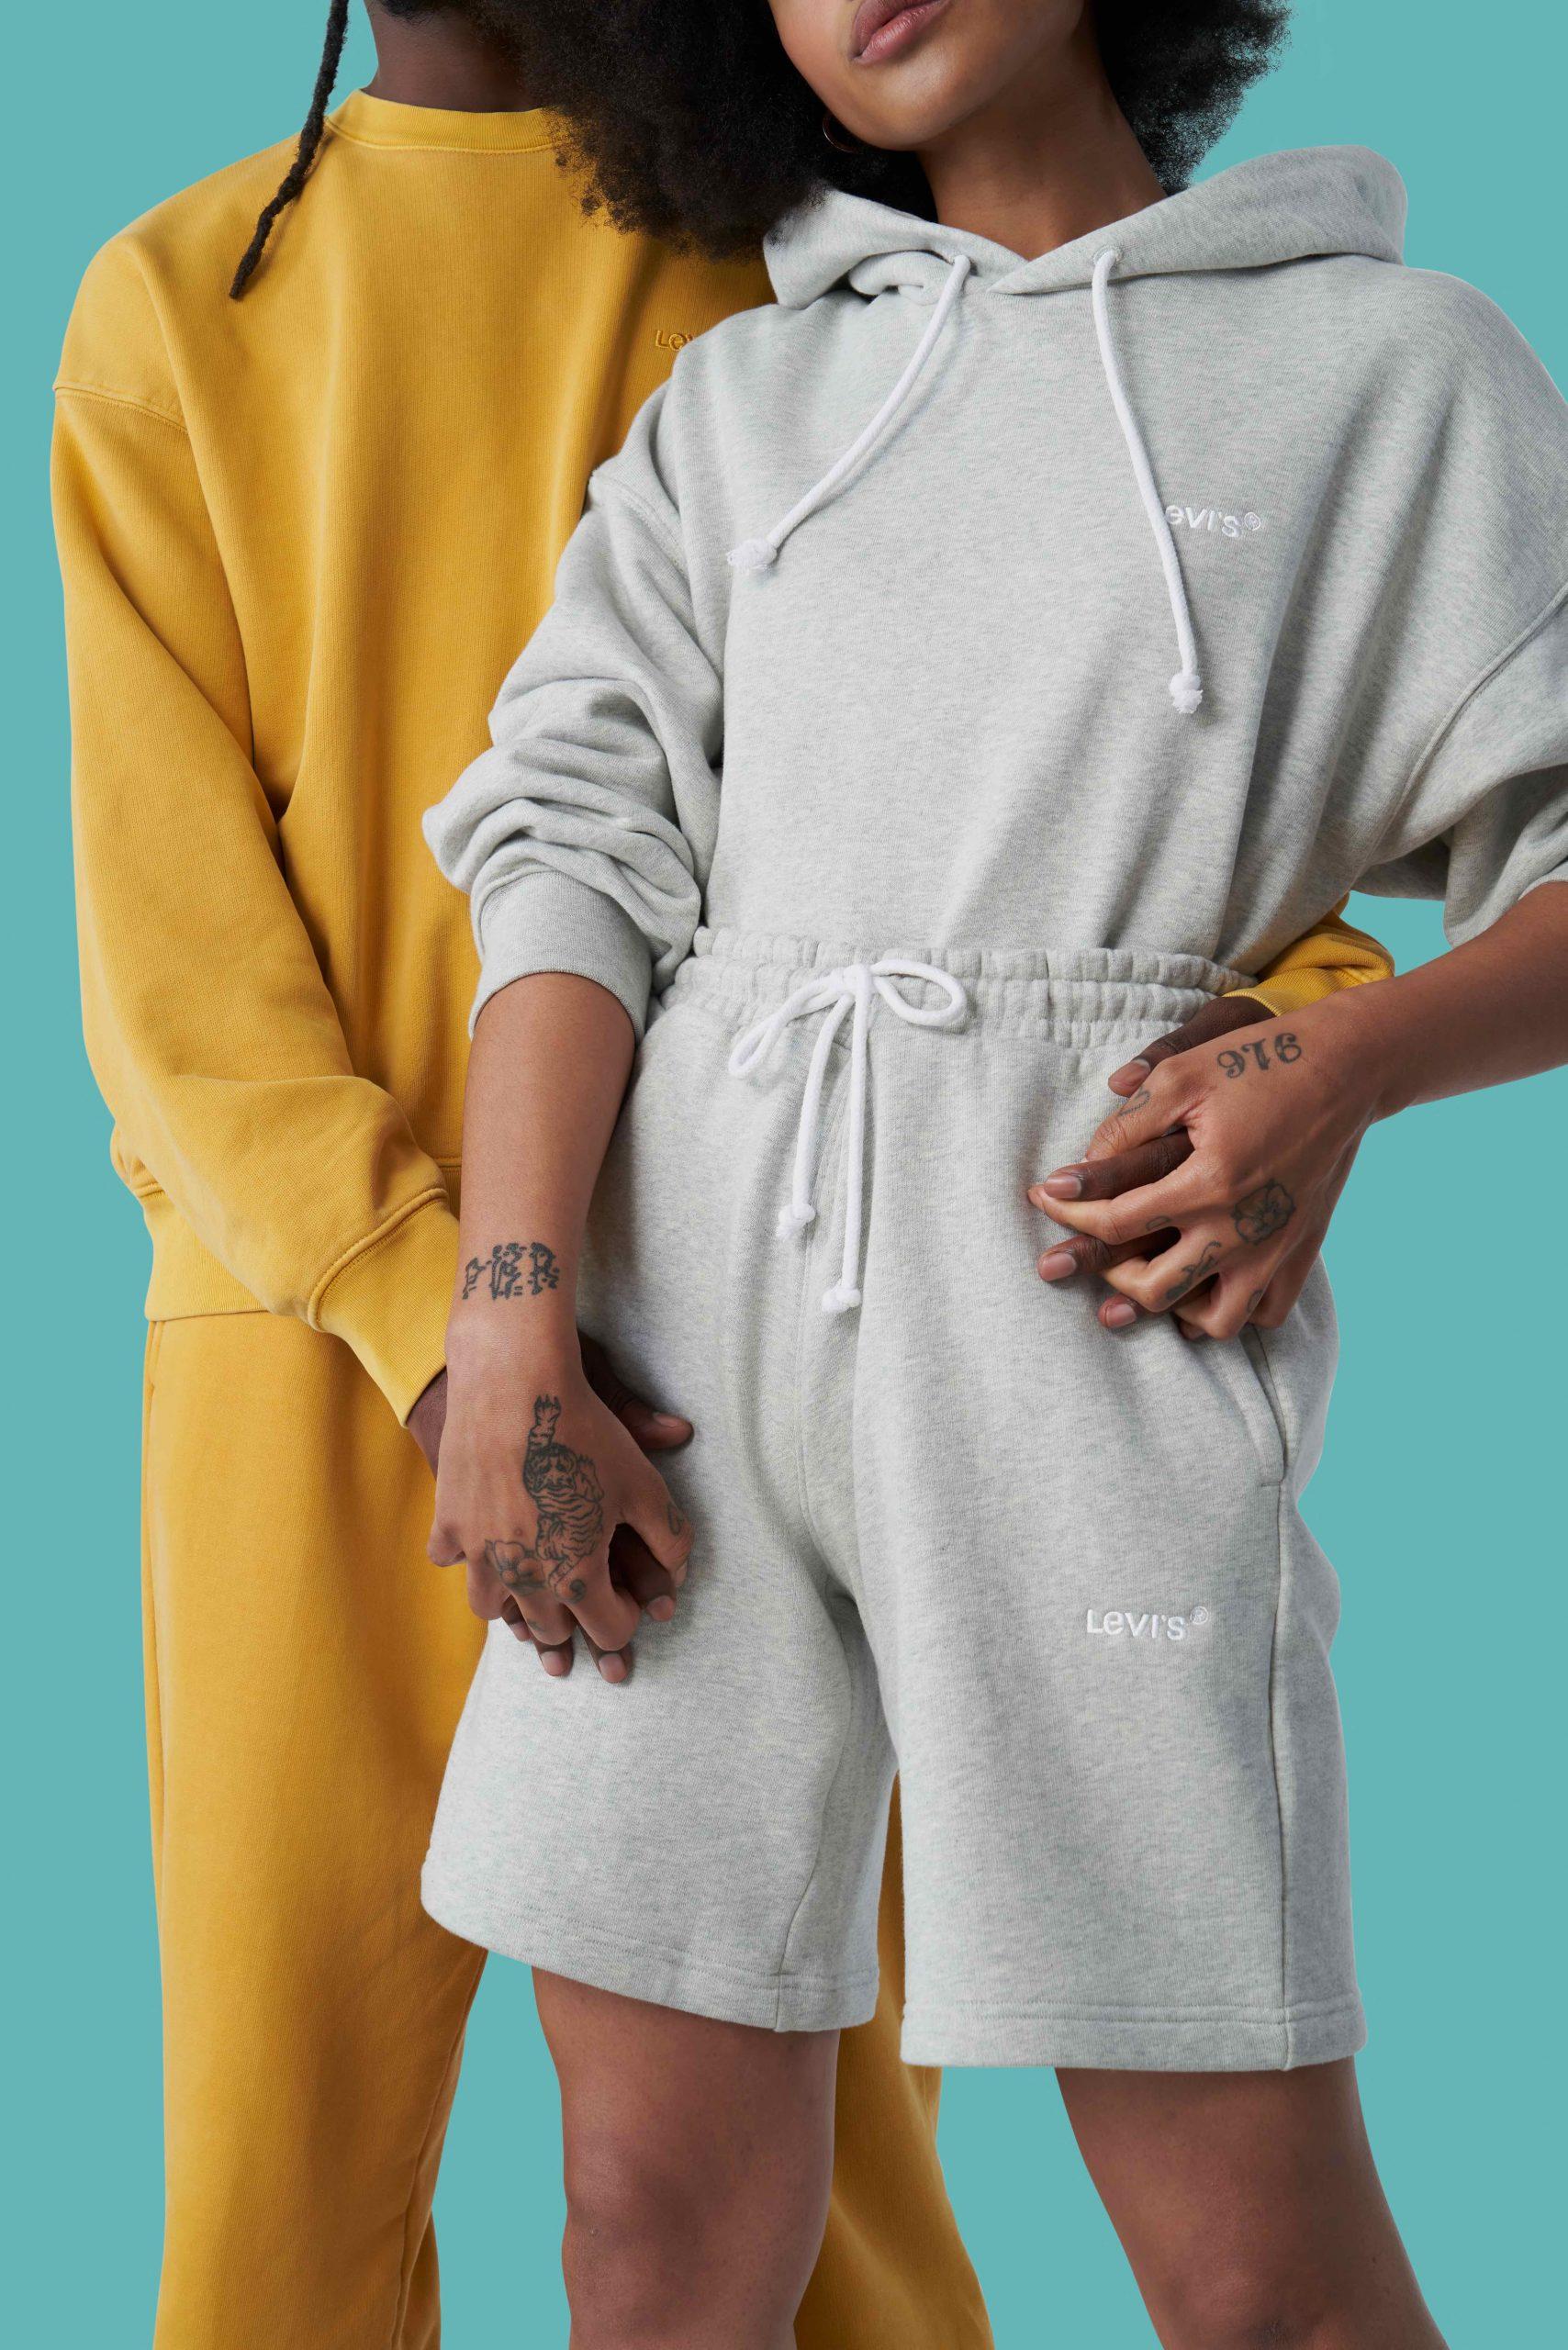 Descoperă confortul în Levi's® Red Tab Sweats colecția Toamnă/Iarnă 2021